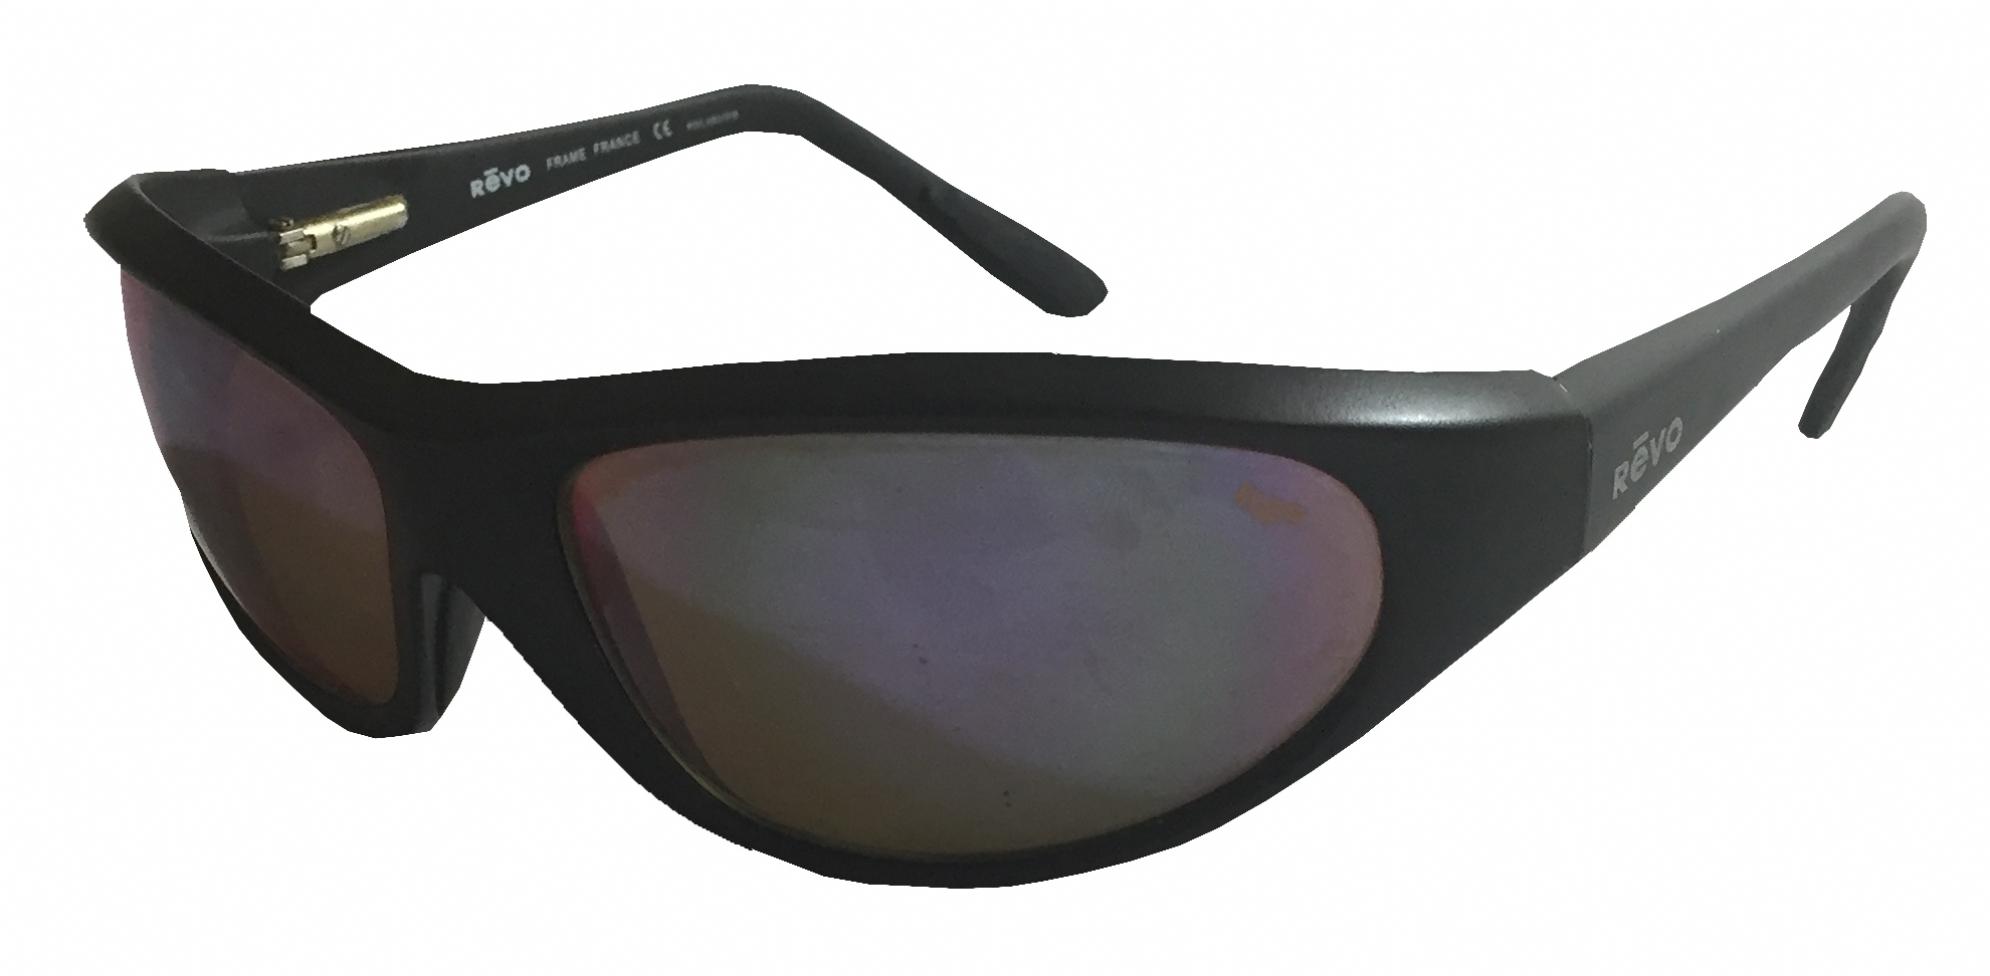 c24d04536c Revo 4001 Sunglasses